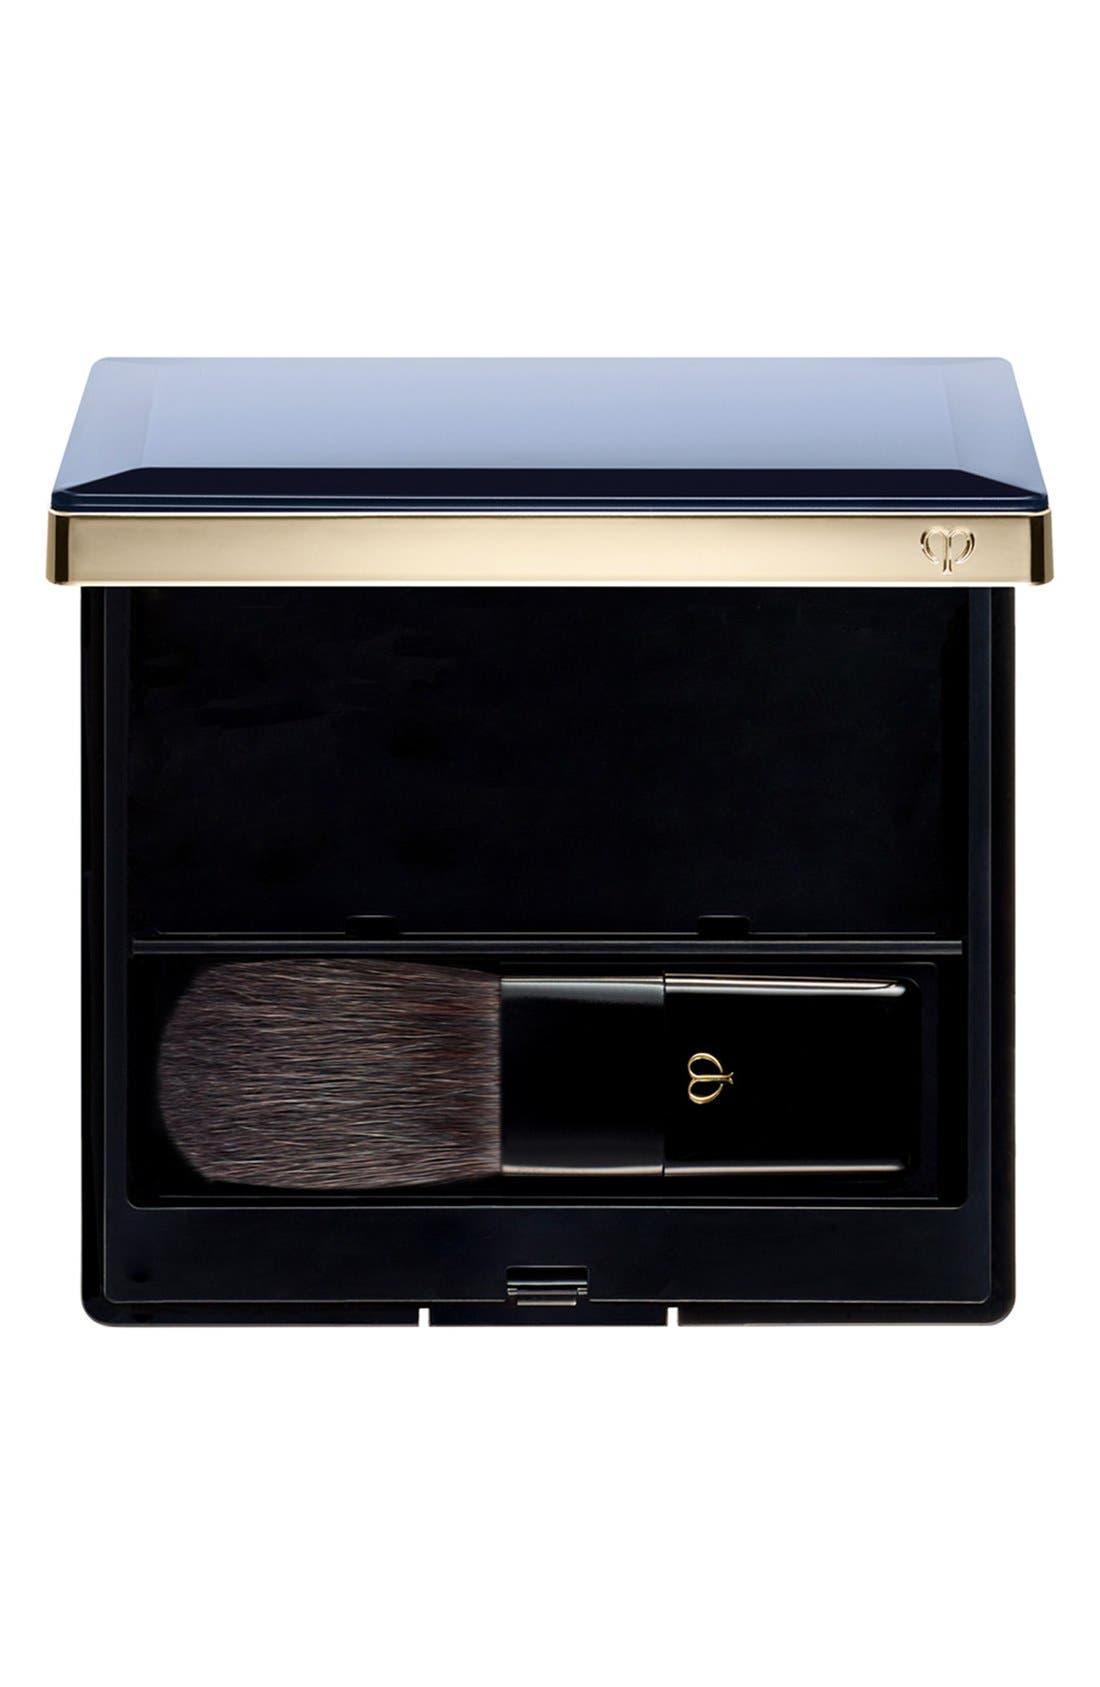 Clé de Peau Beauté Cheek Color Duo Case & Brush